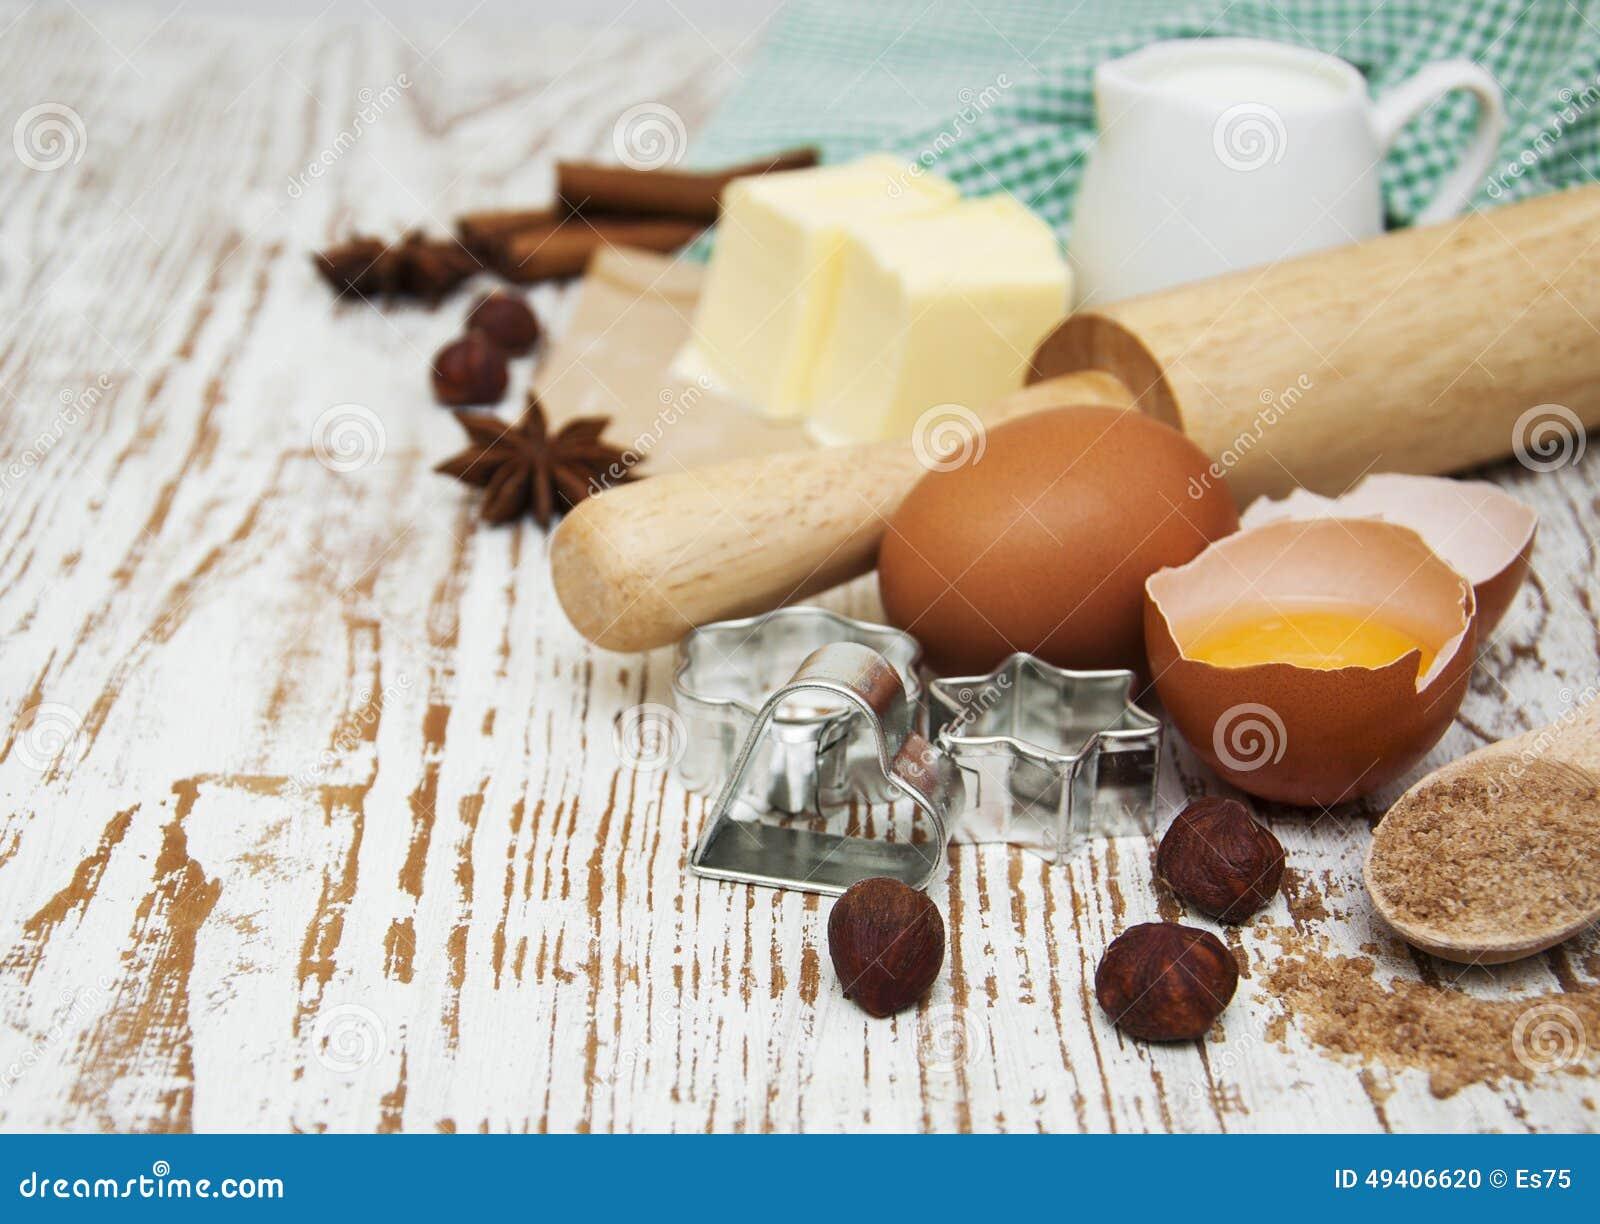 Download Tabelle Mit Backenbestandteilen Stockfoto - Bild von cuisine, zimt: 49406620